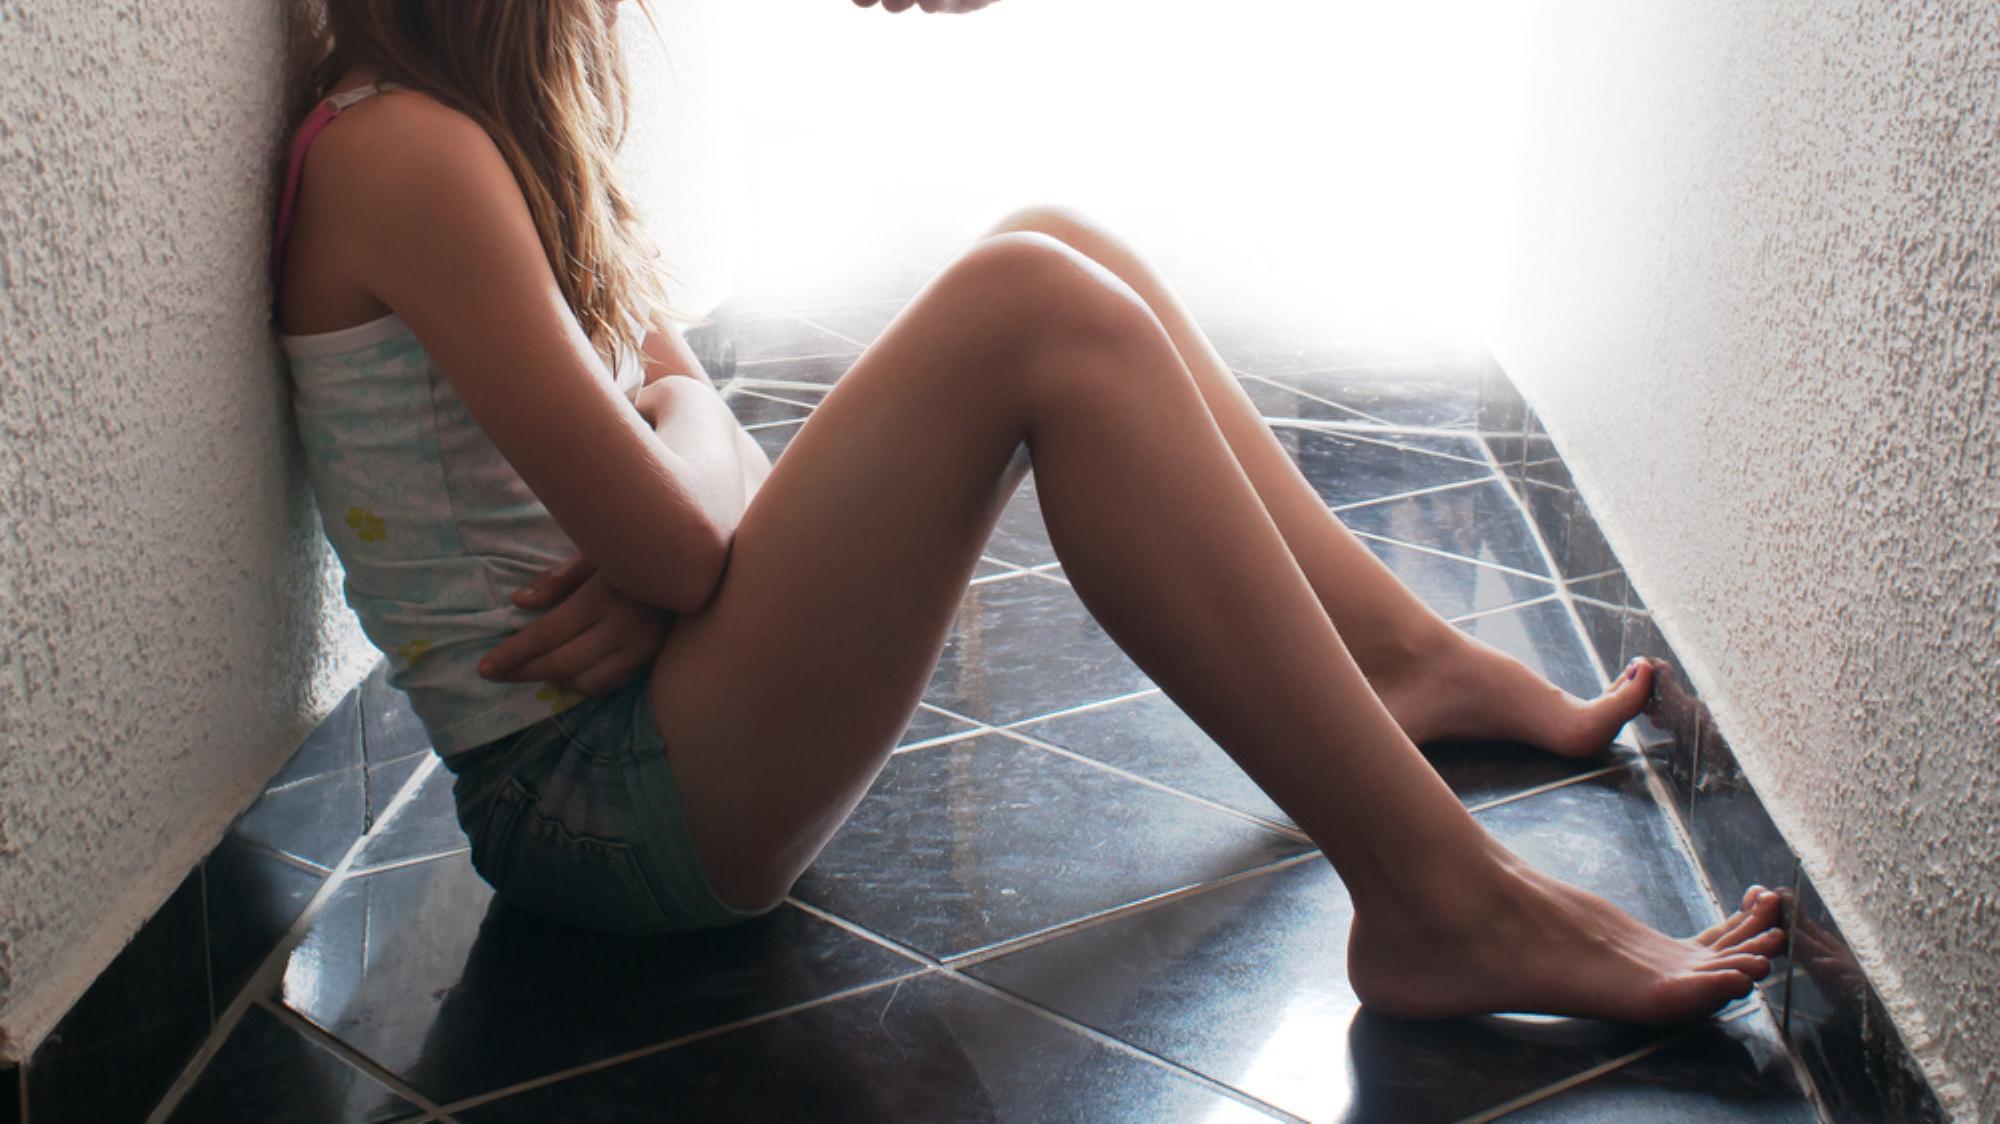 Fa sesso con 25 ragazzi nel bagno della scuola, ma è bullismo